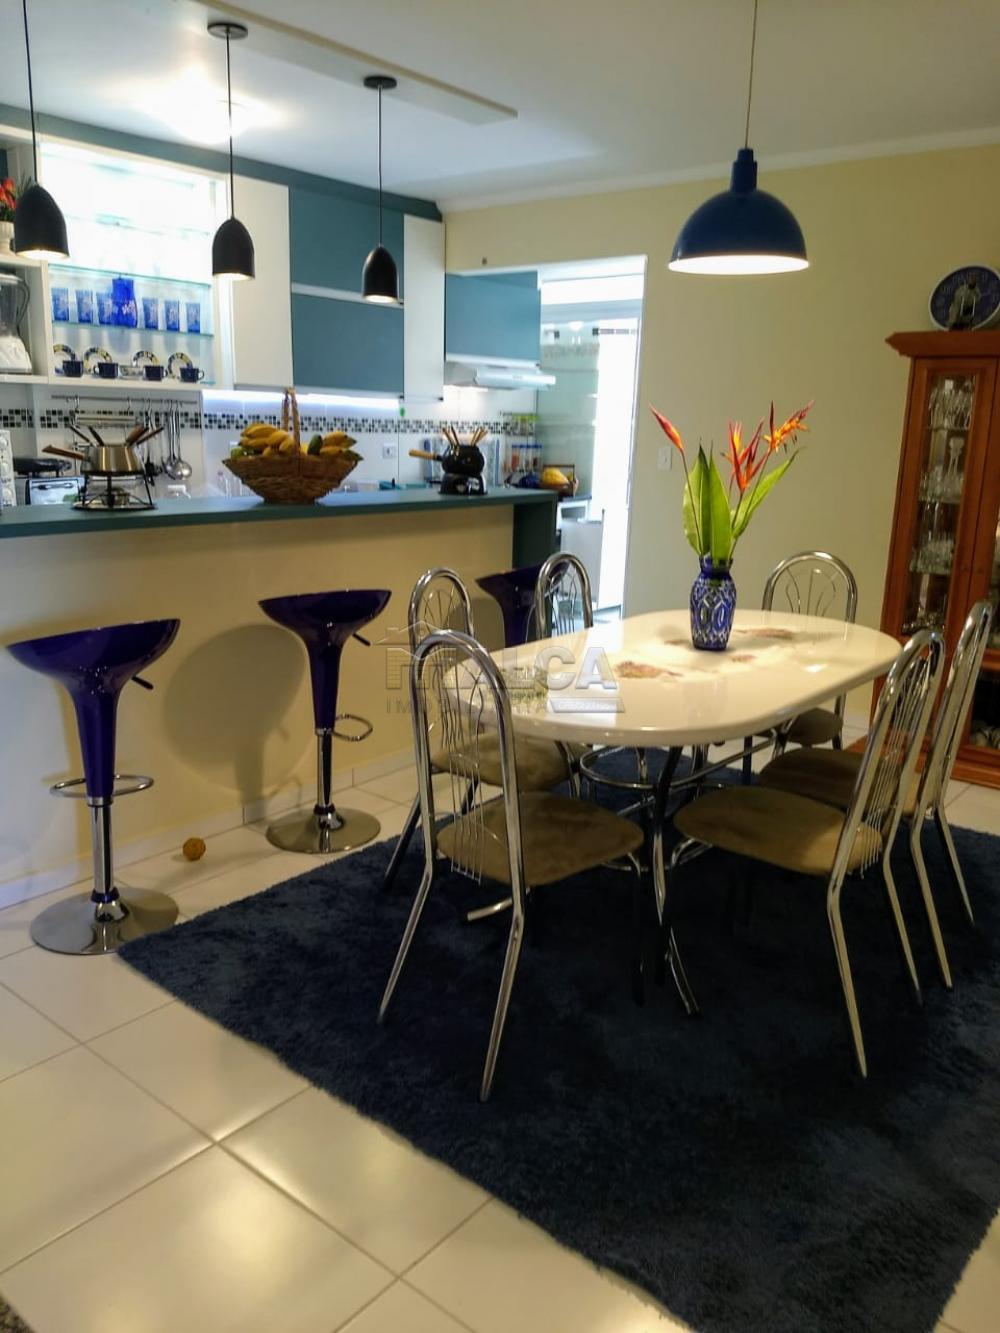 Comprar Apartamentos / Padrão em Poços de Caldas R$ 450.000,00 - Foto 4